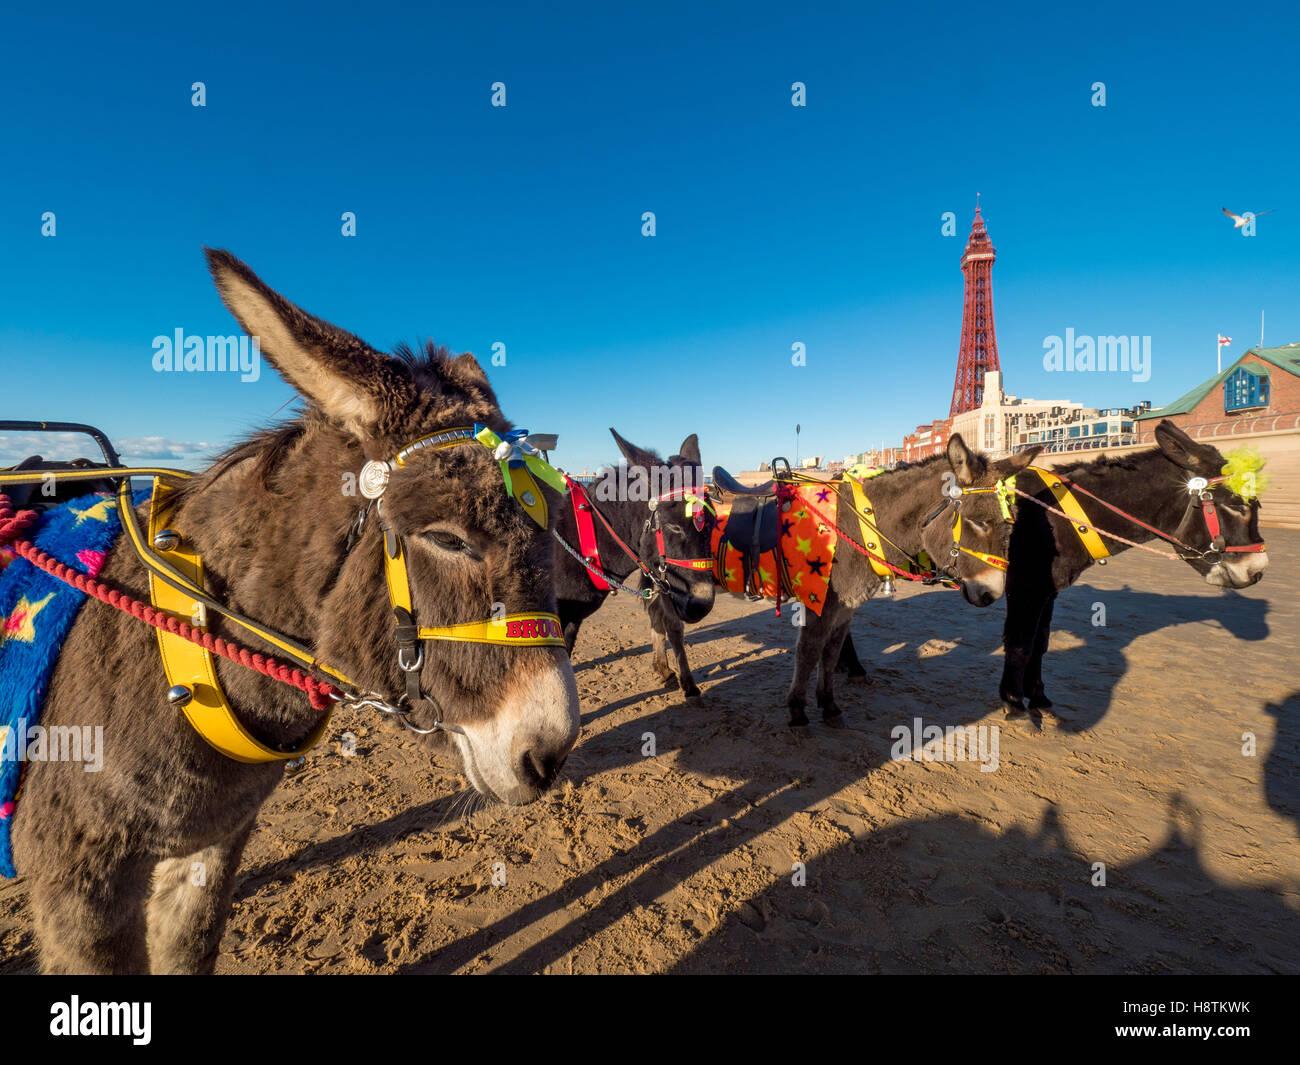 Des ânes sur la plage avec la tour de Blackpool en distance, Blackpool, Lancashire, Royaume-Uni. Photo Stock